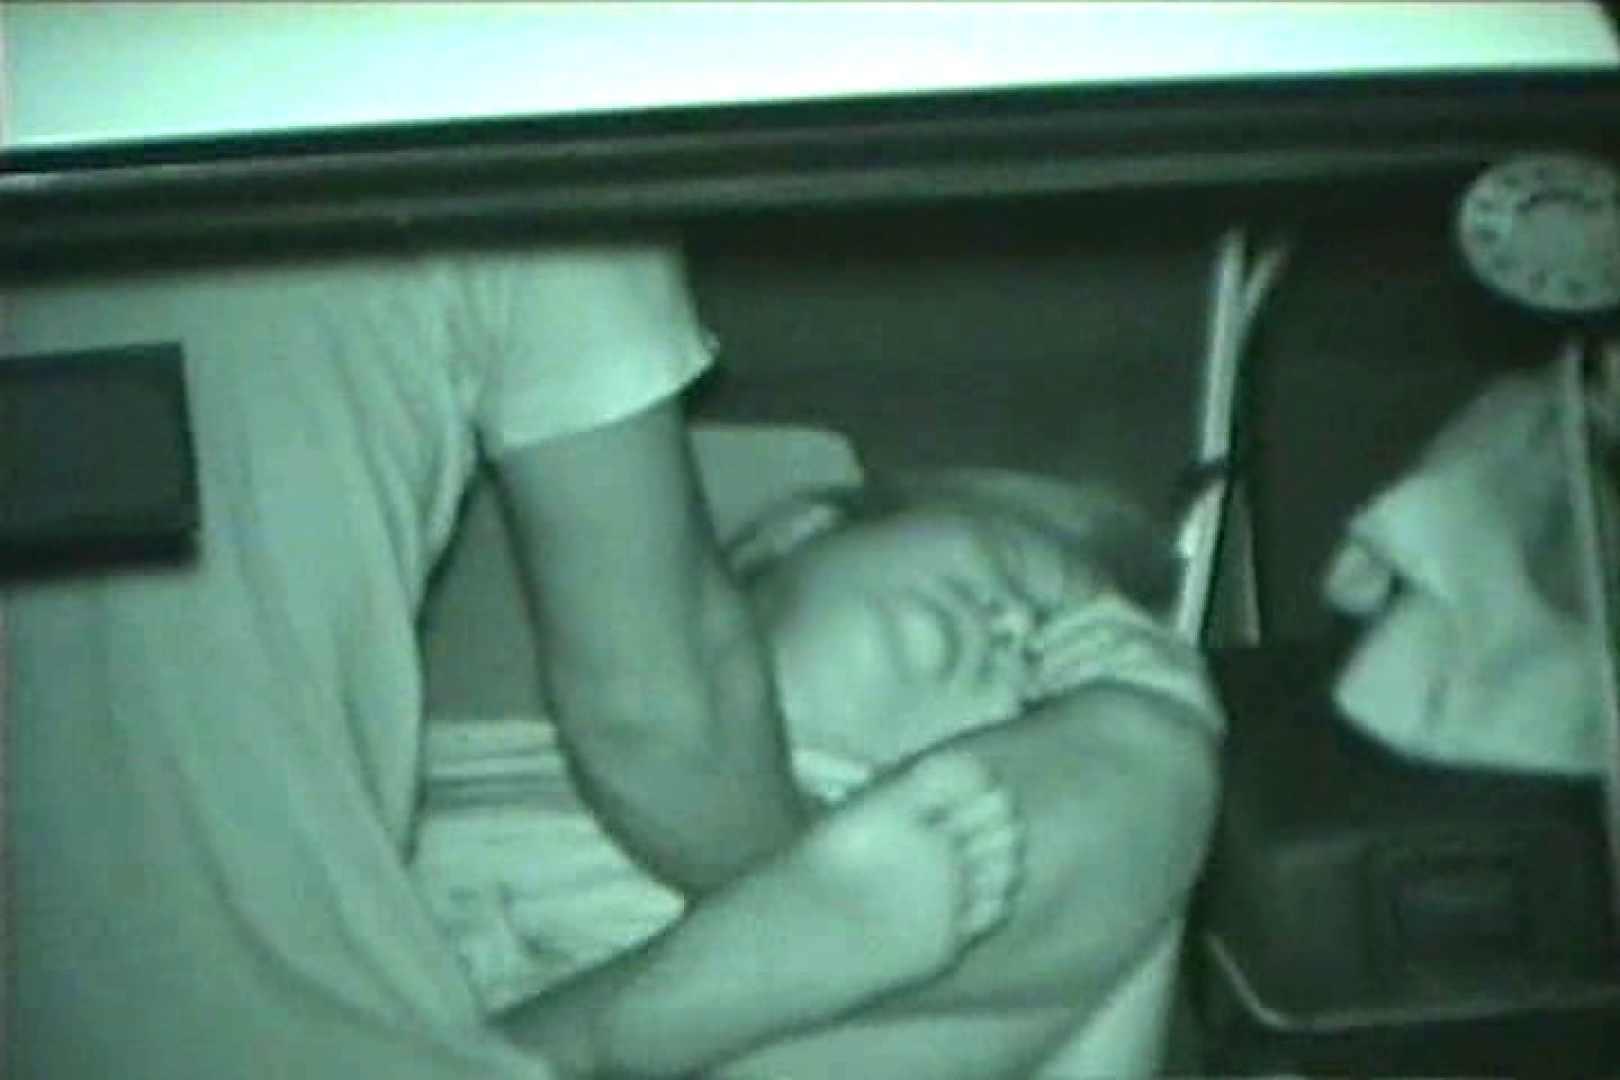 車の中はラブホテル 無修正版  Vol.25 車でエッチ 隠し撮りオマンコ動画紹介 103PIX 60